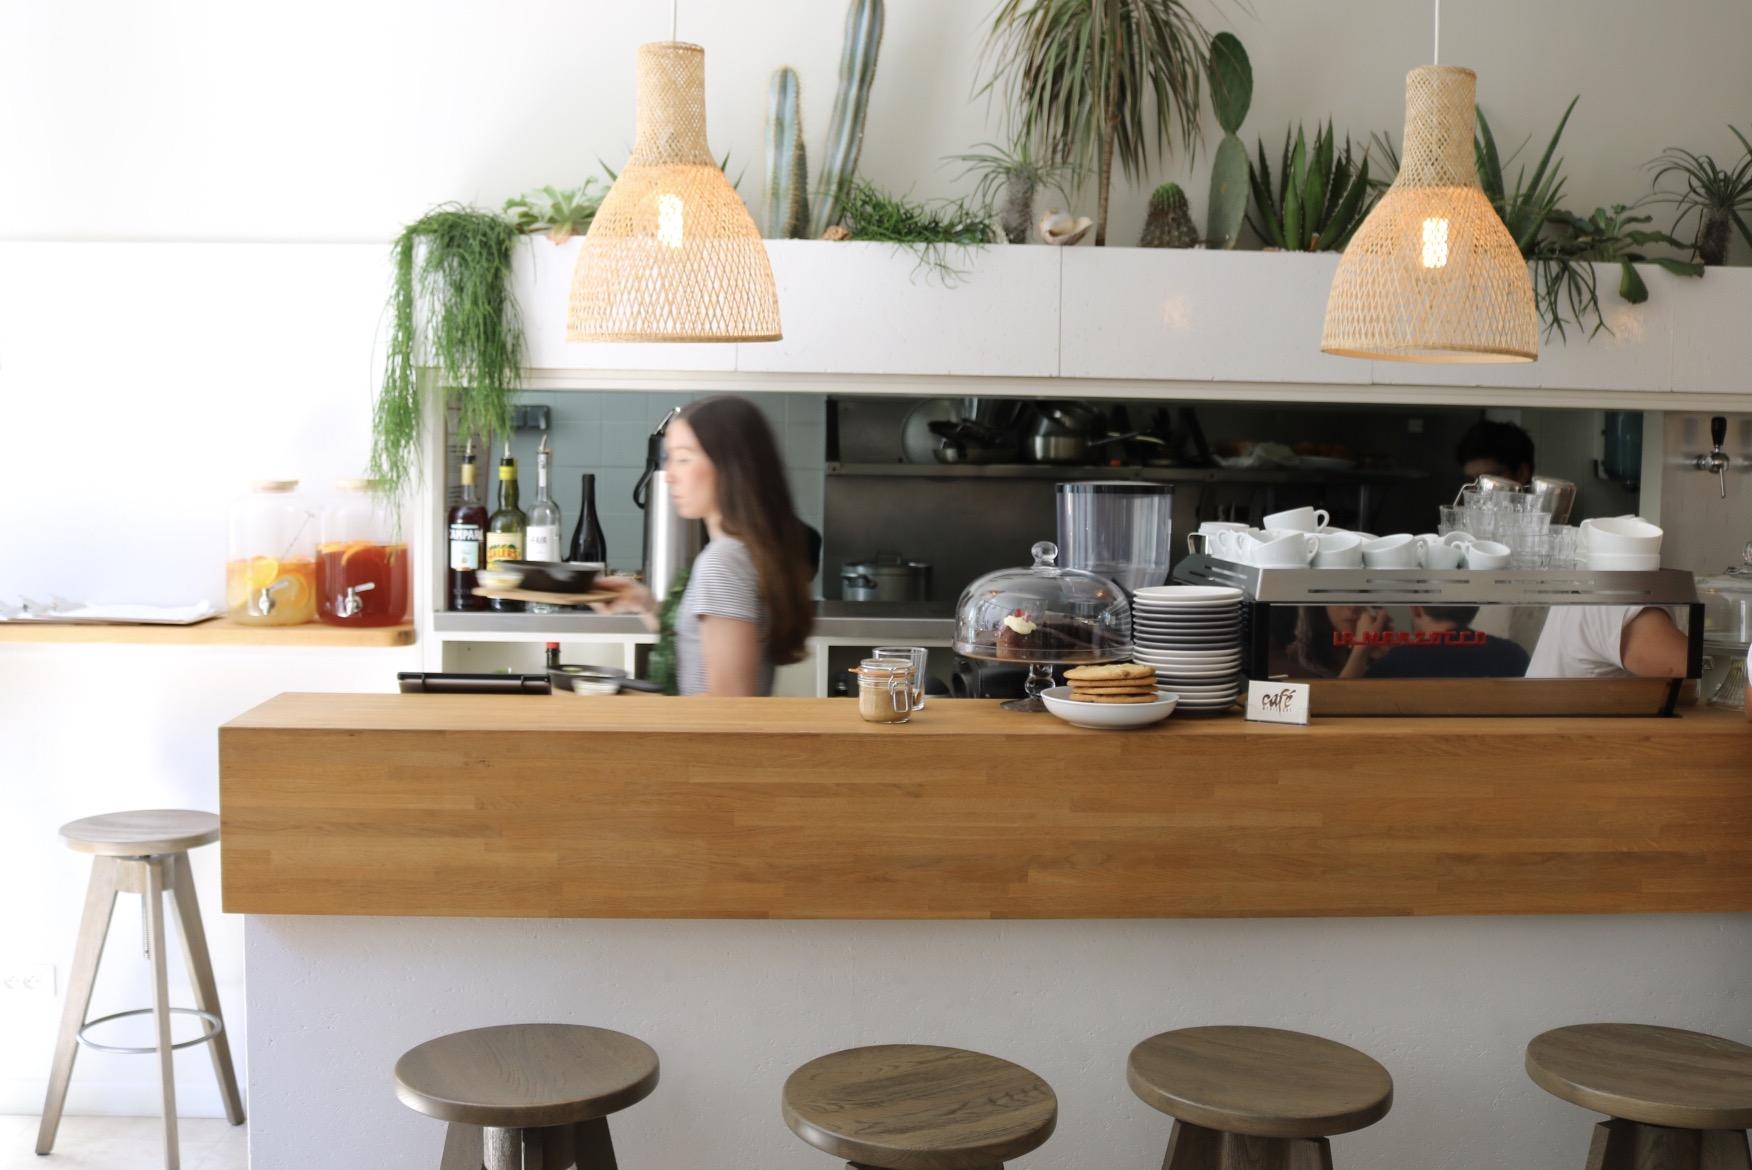 Cafe Oberkampf Menu